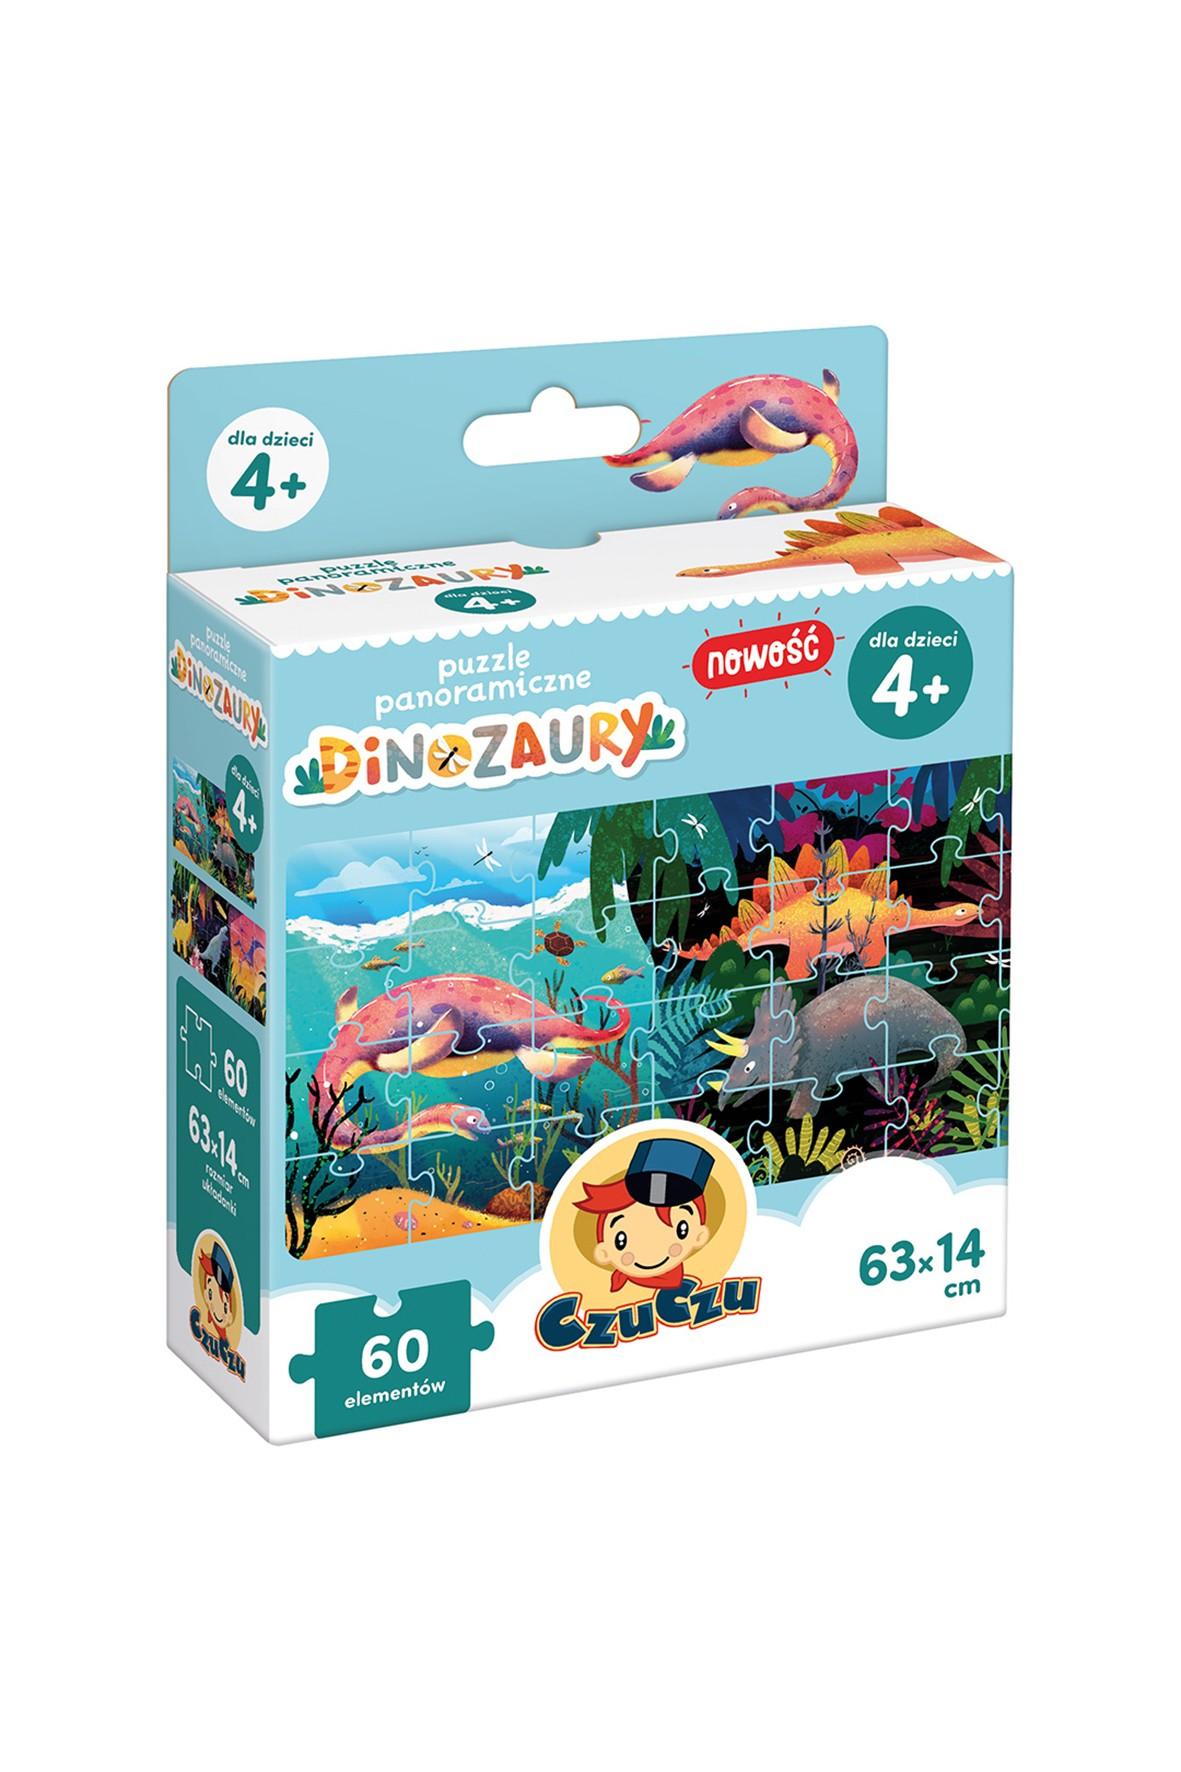 Puzzle panoramiczne CzuCzu Dinozaury wiek 4+